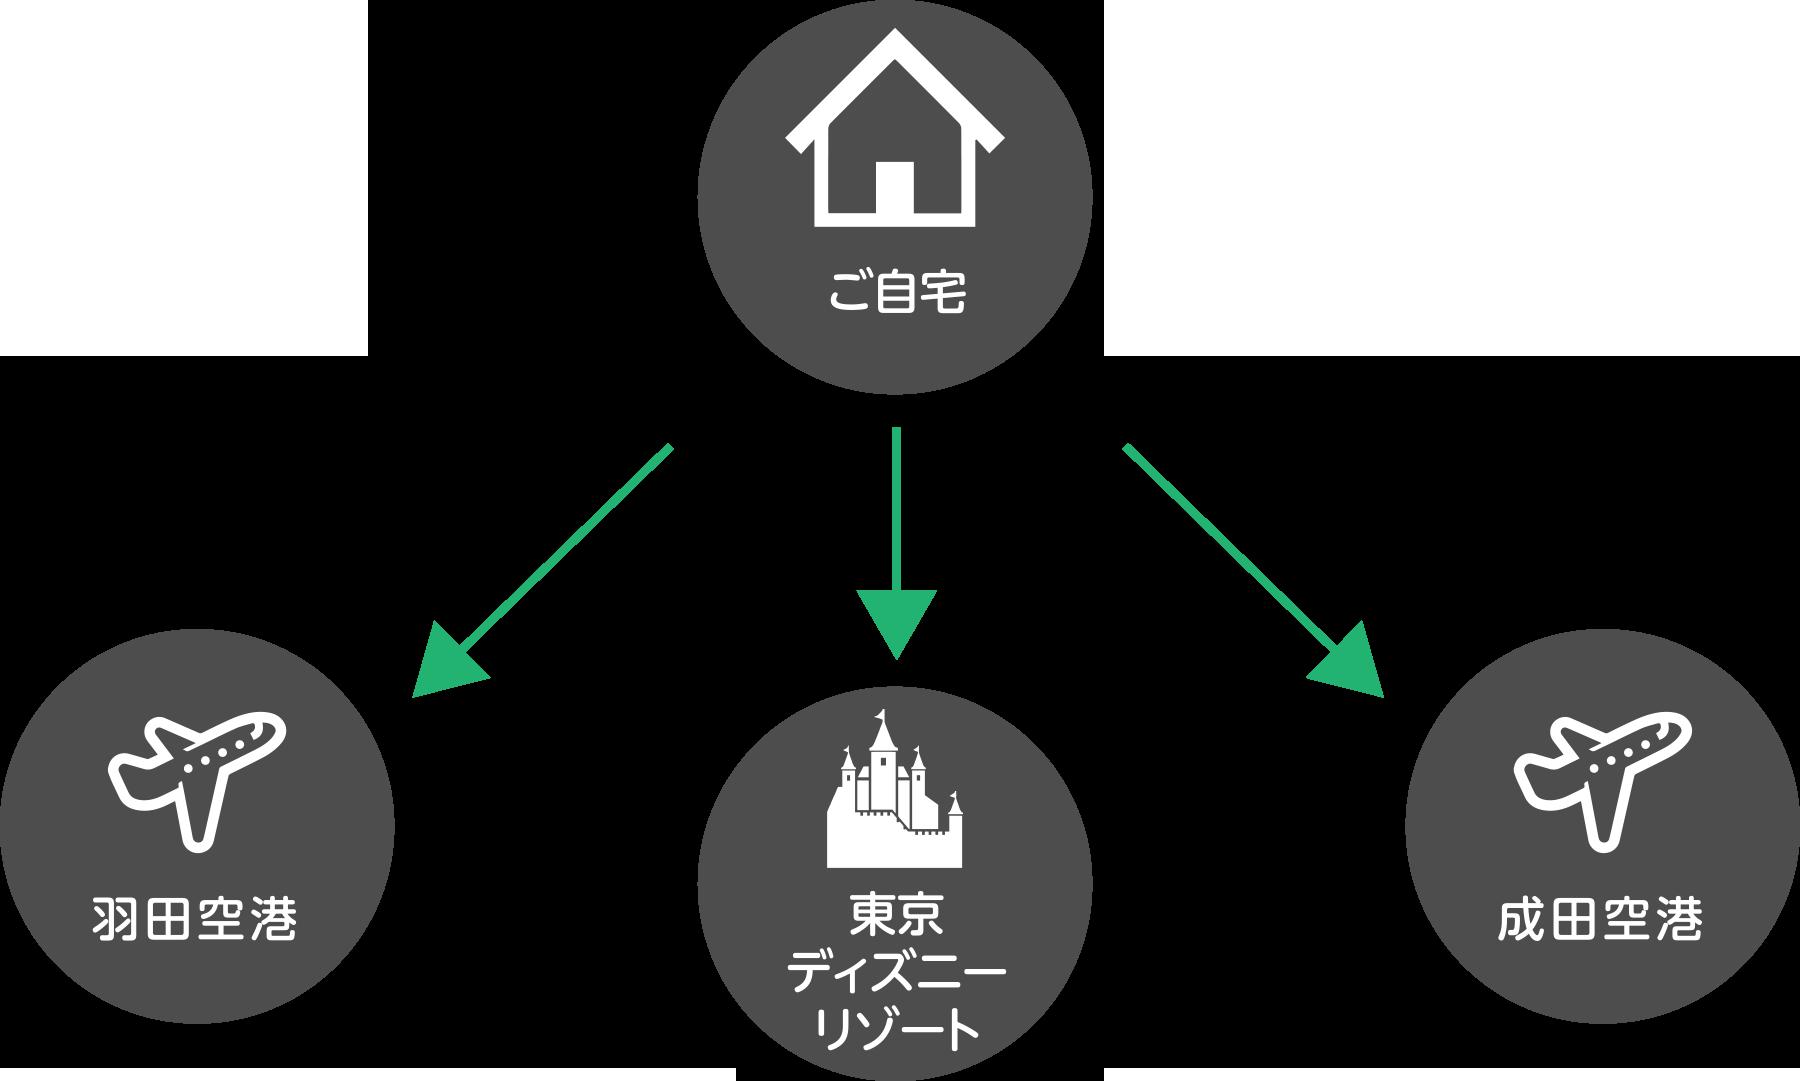 ご自宅へから羽田空港・東京ディズニーリゾート・成田空港へ、羽田空港・東京ディズニーリゾート・成田空港からご自宅へ